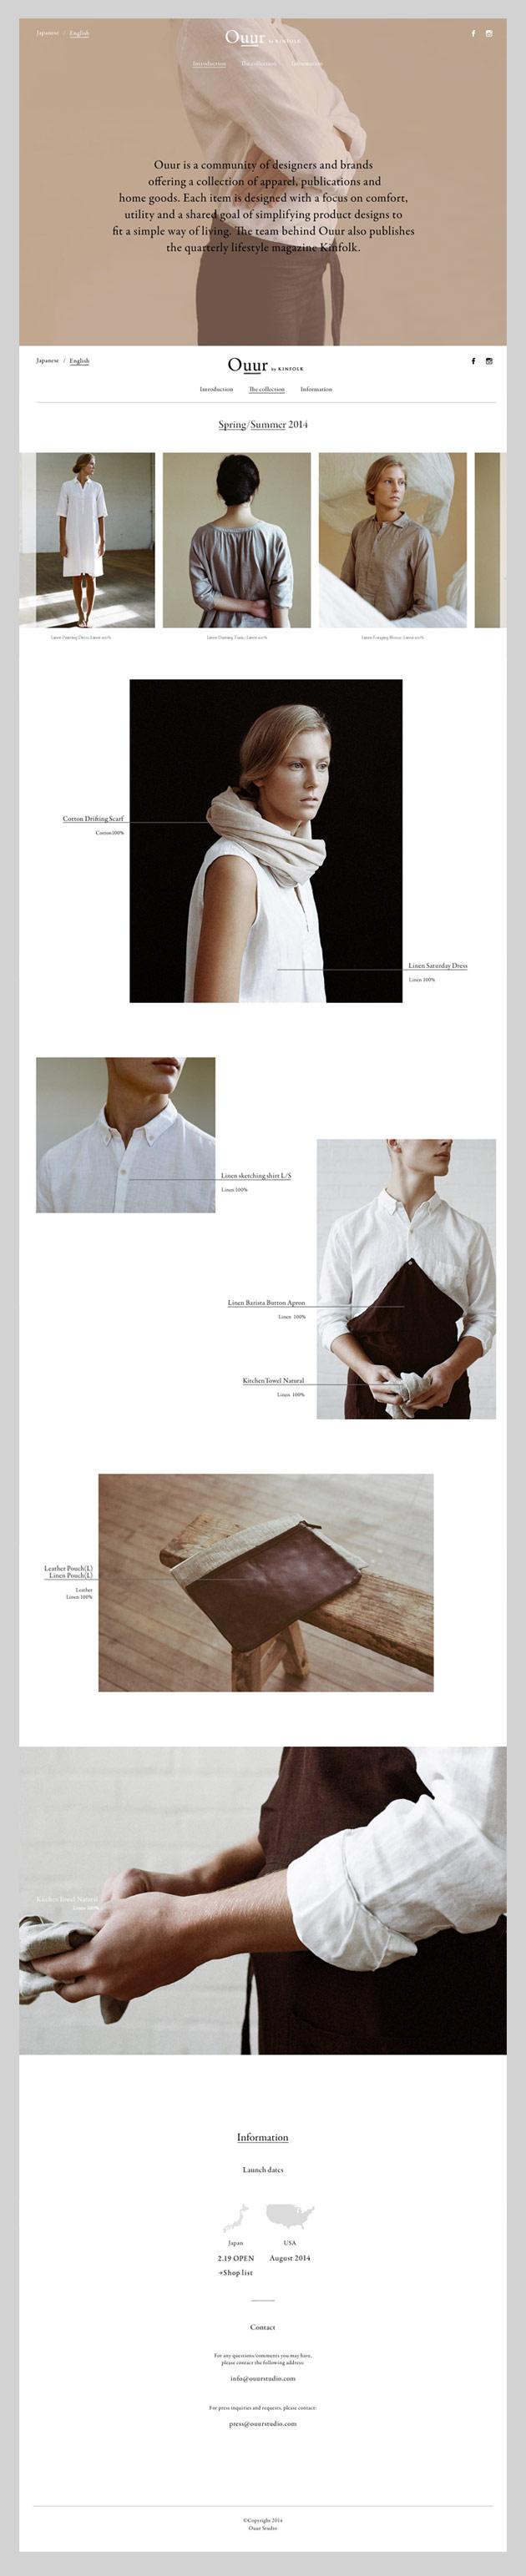 Ouur Studio - Inspiración web design